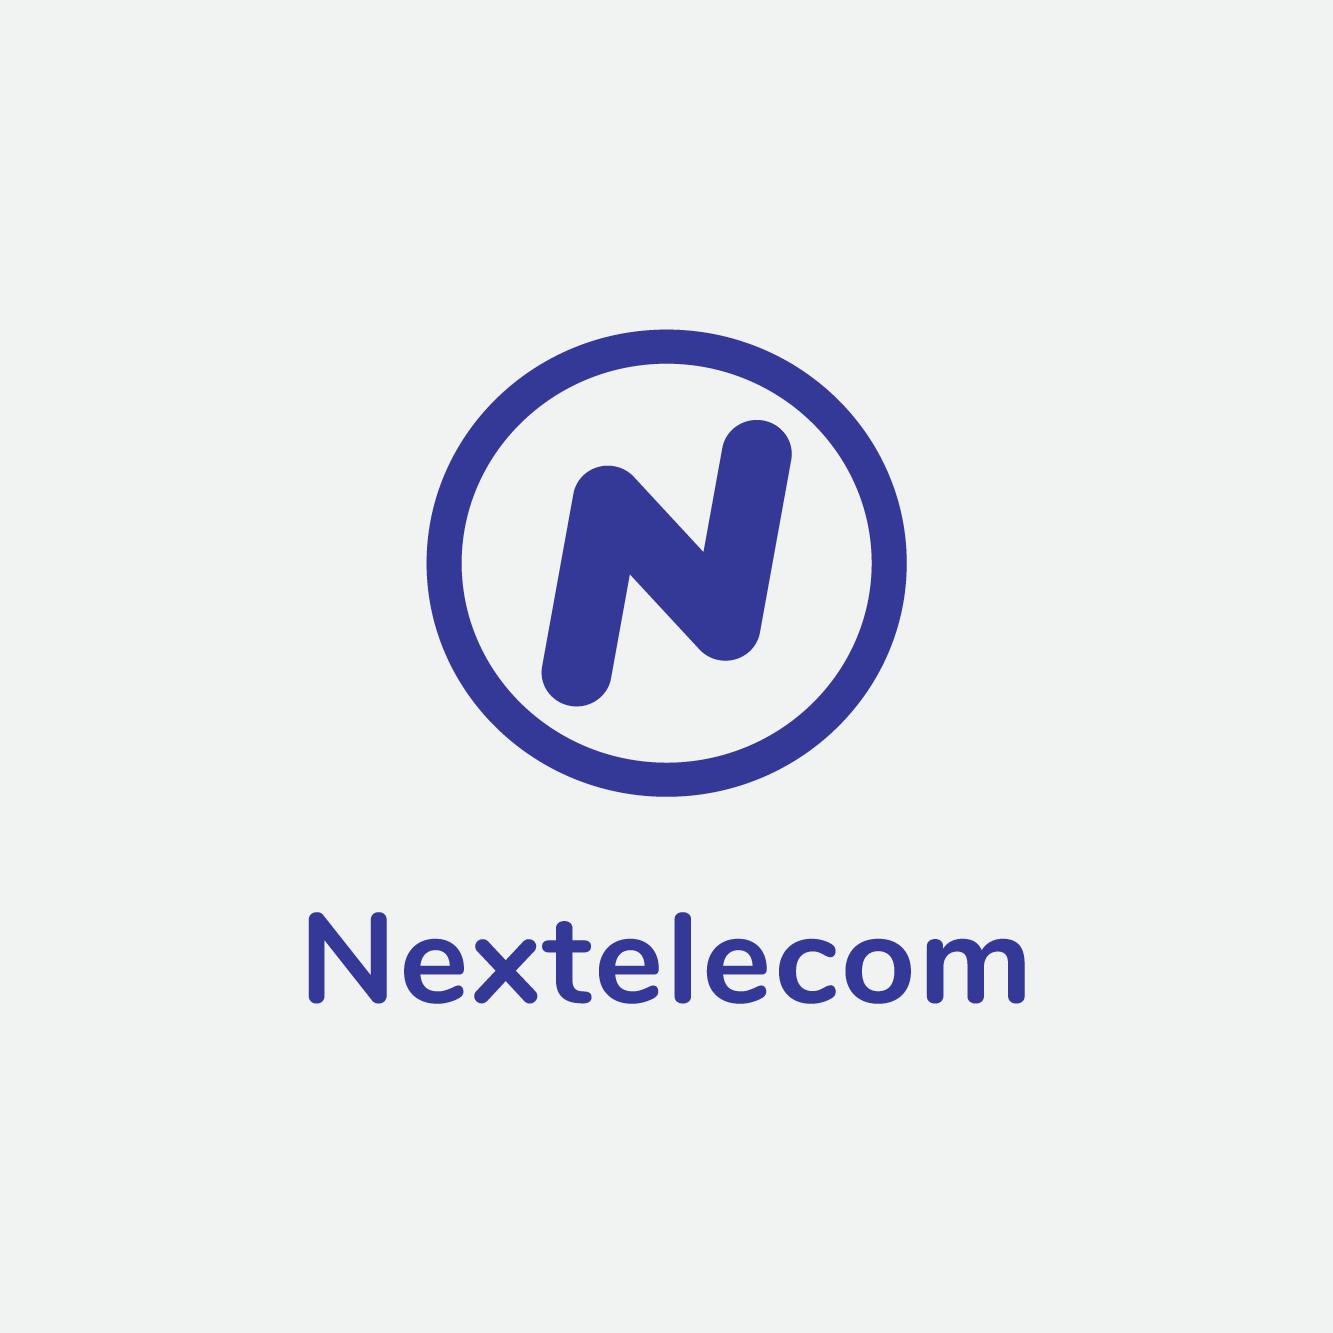 Nextelecom Logo Design